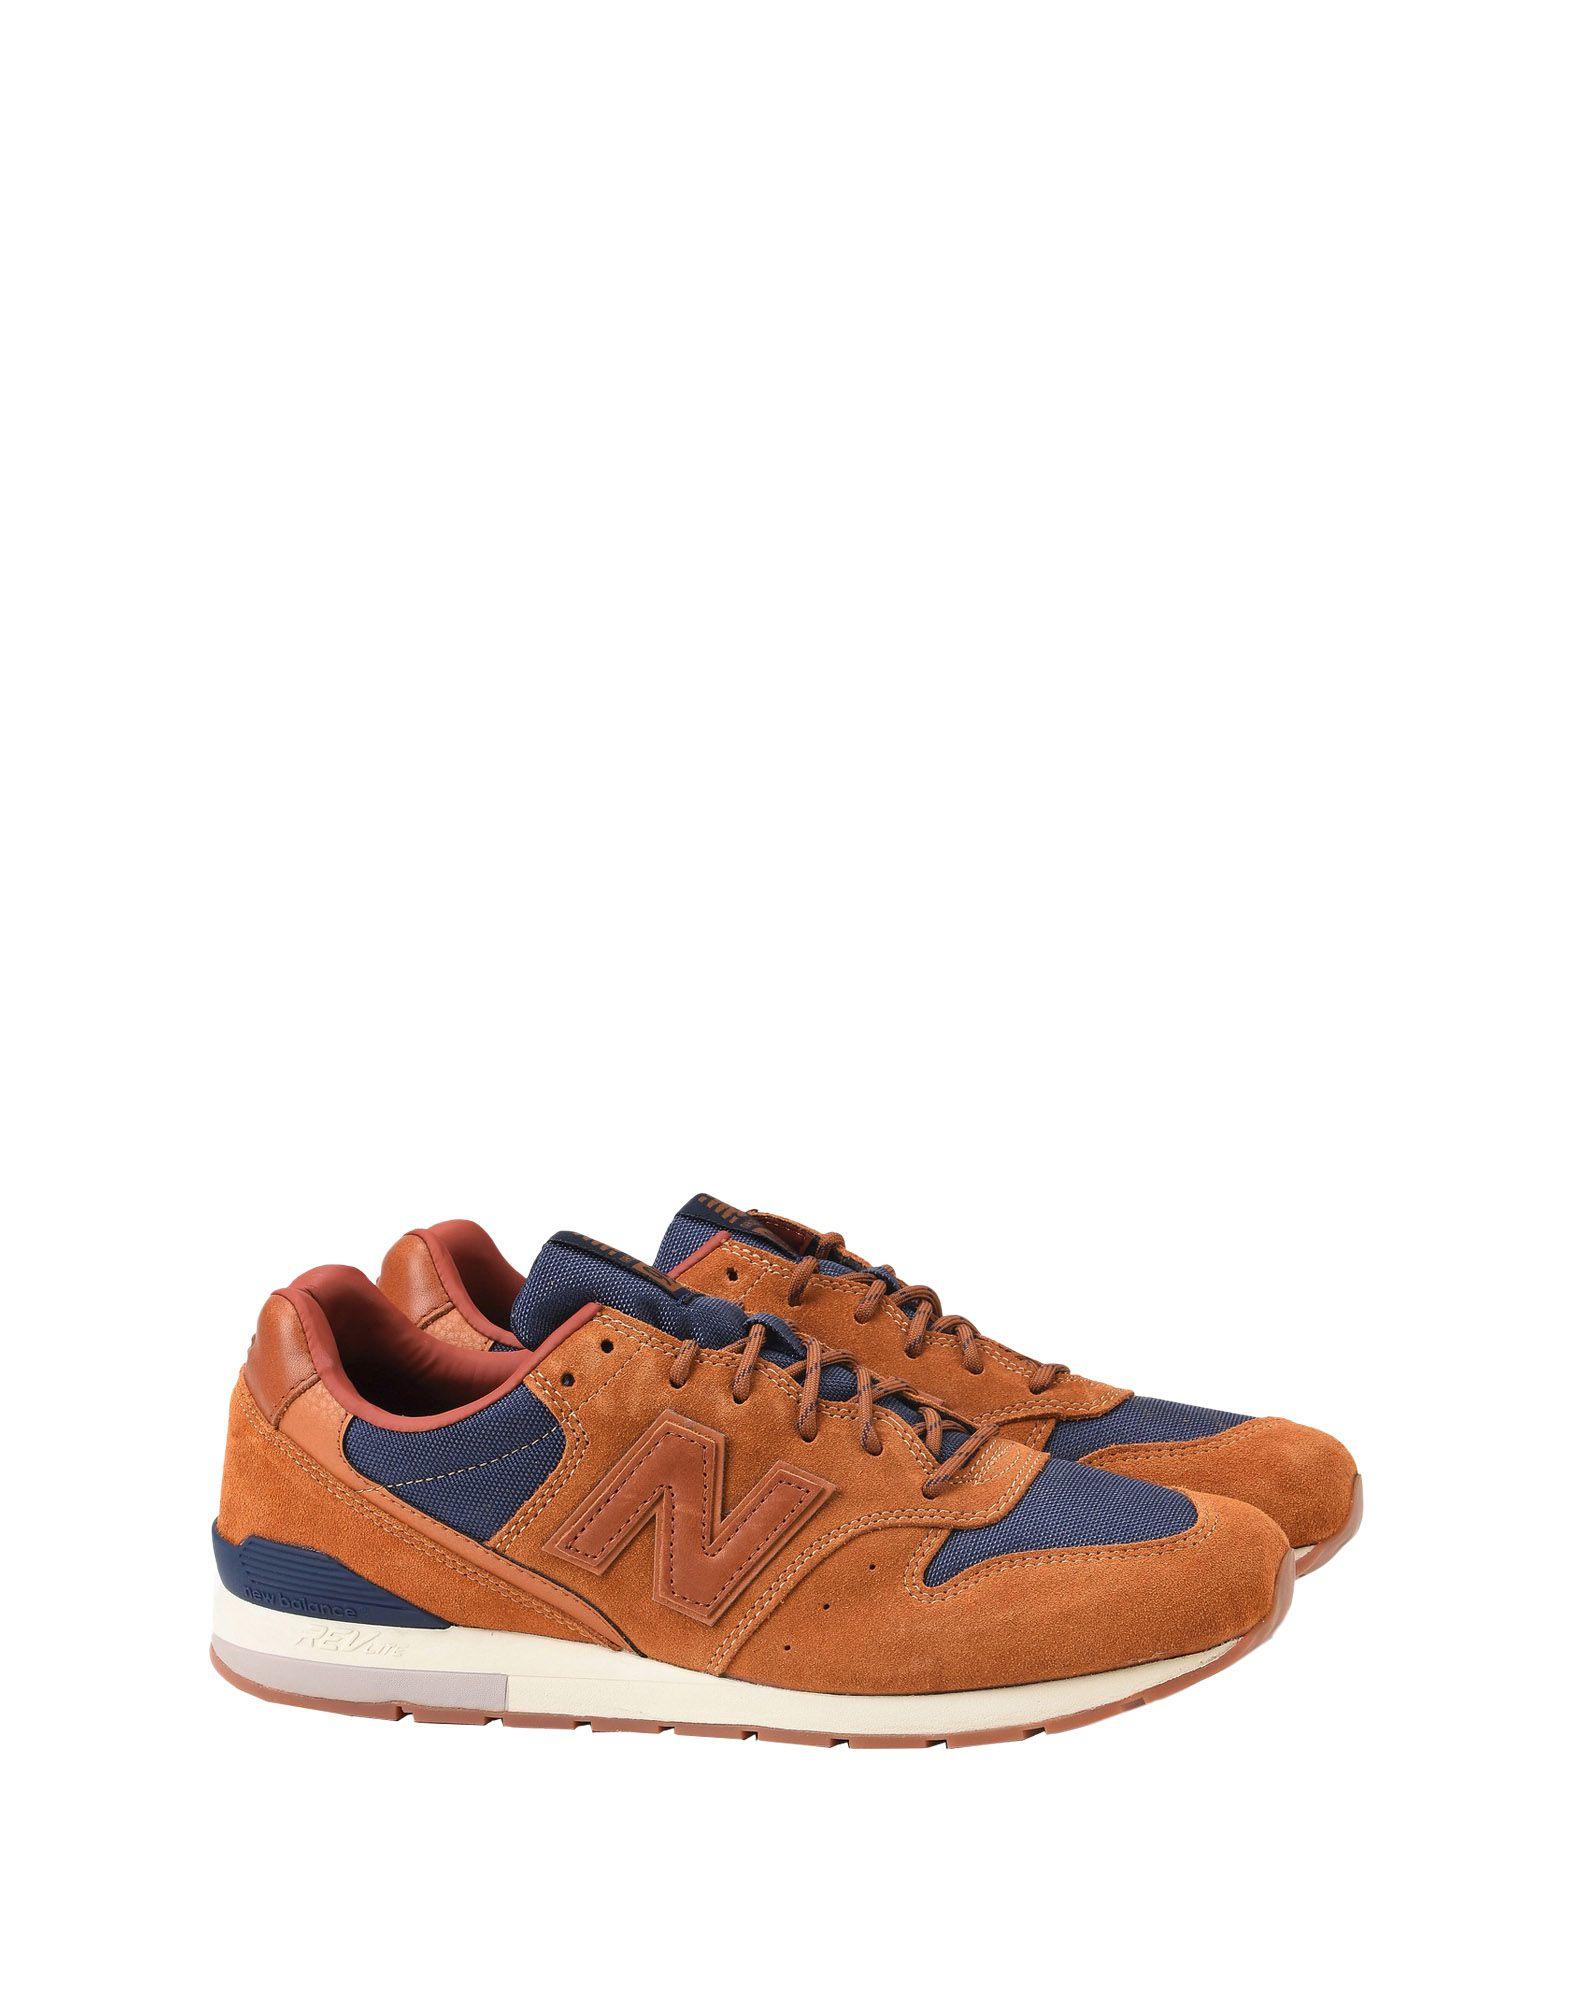 Rabatt 996 echte Schuhe New Balance 996 Rabatt Winter Cordura Pack  11393155BT 706531